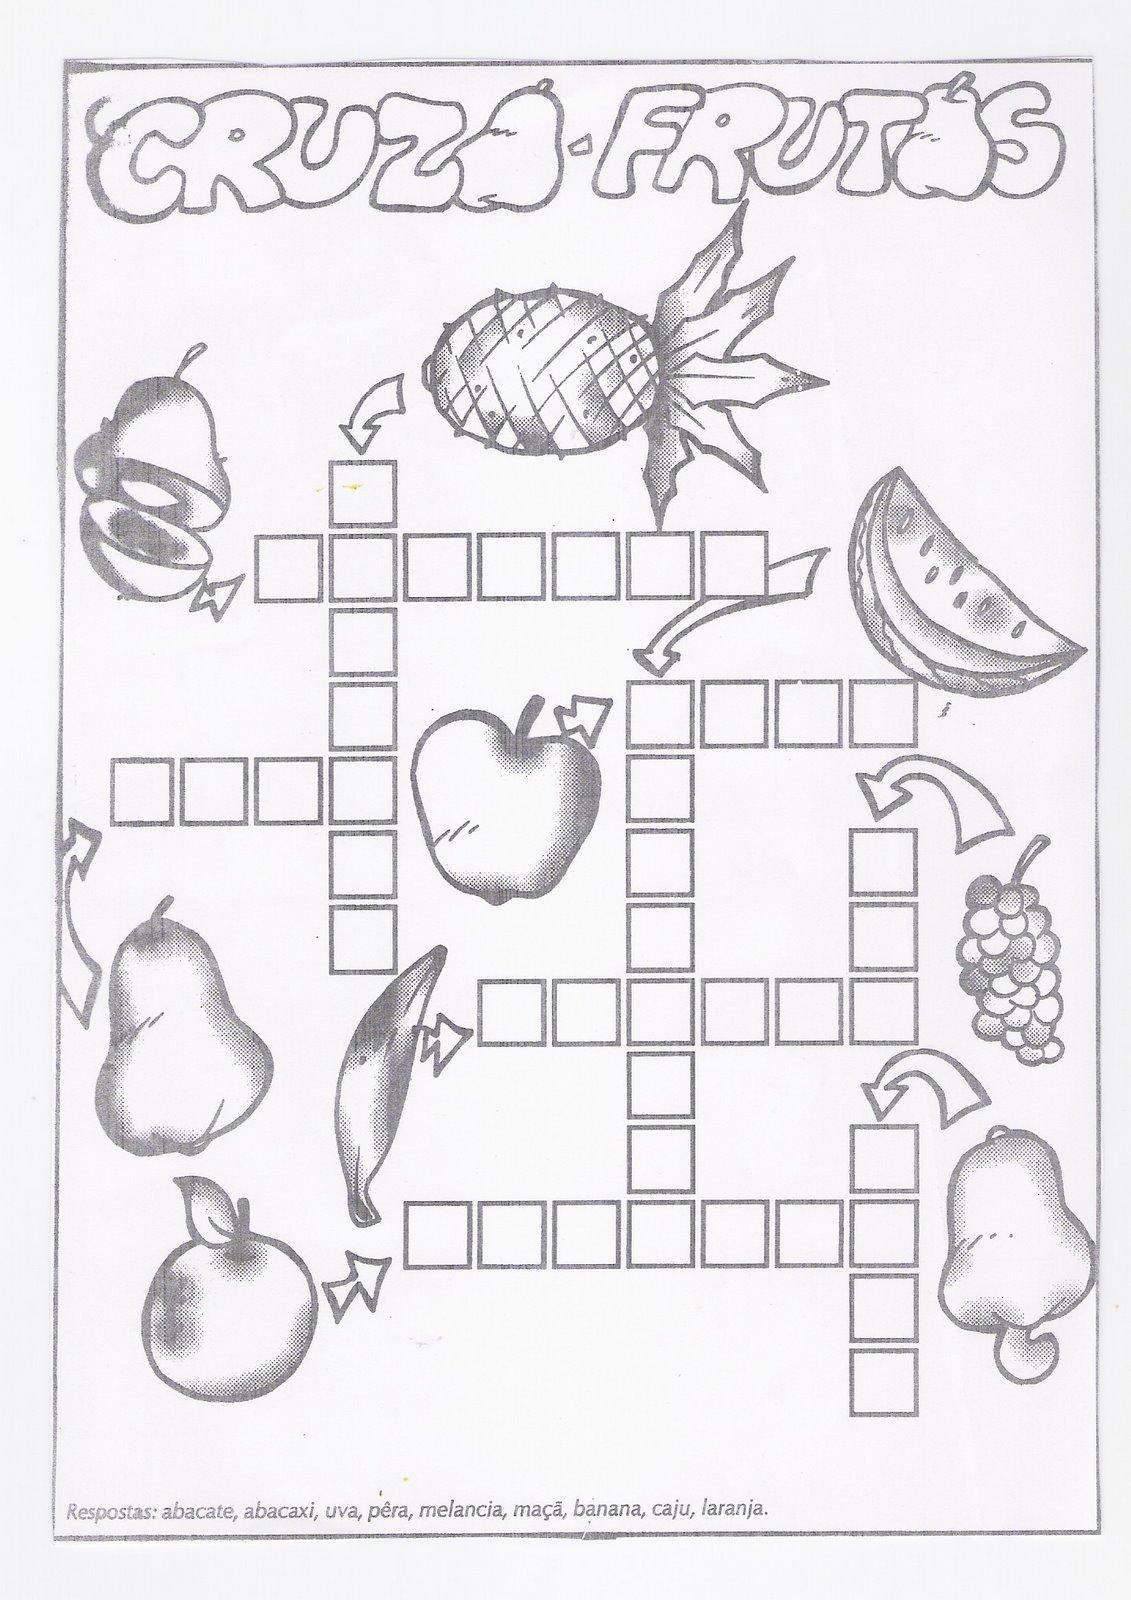 atividades horta pomar jardim educacao infantil:ARTESANATO COM QUIANE – Paps,Moldes,E.V.A,Feltro,Costuras,Fofuchas 3D